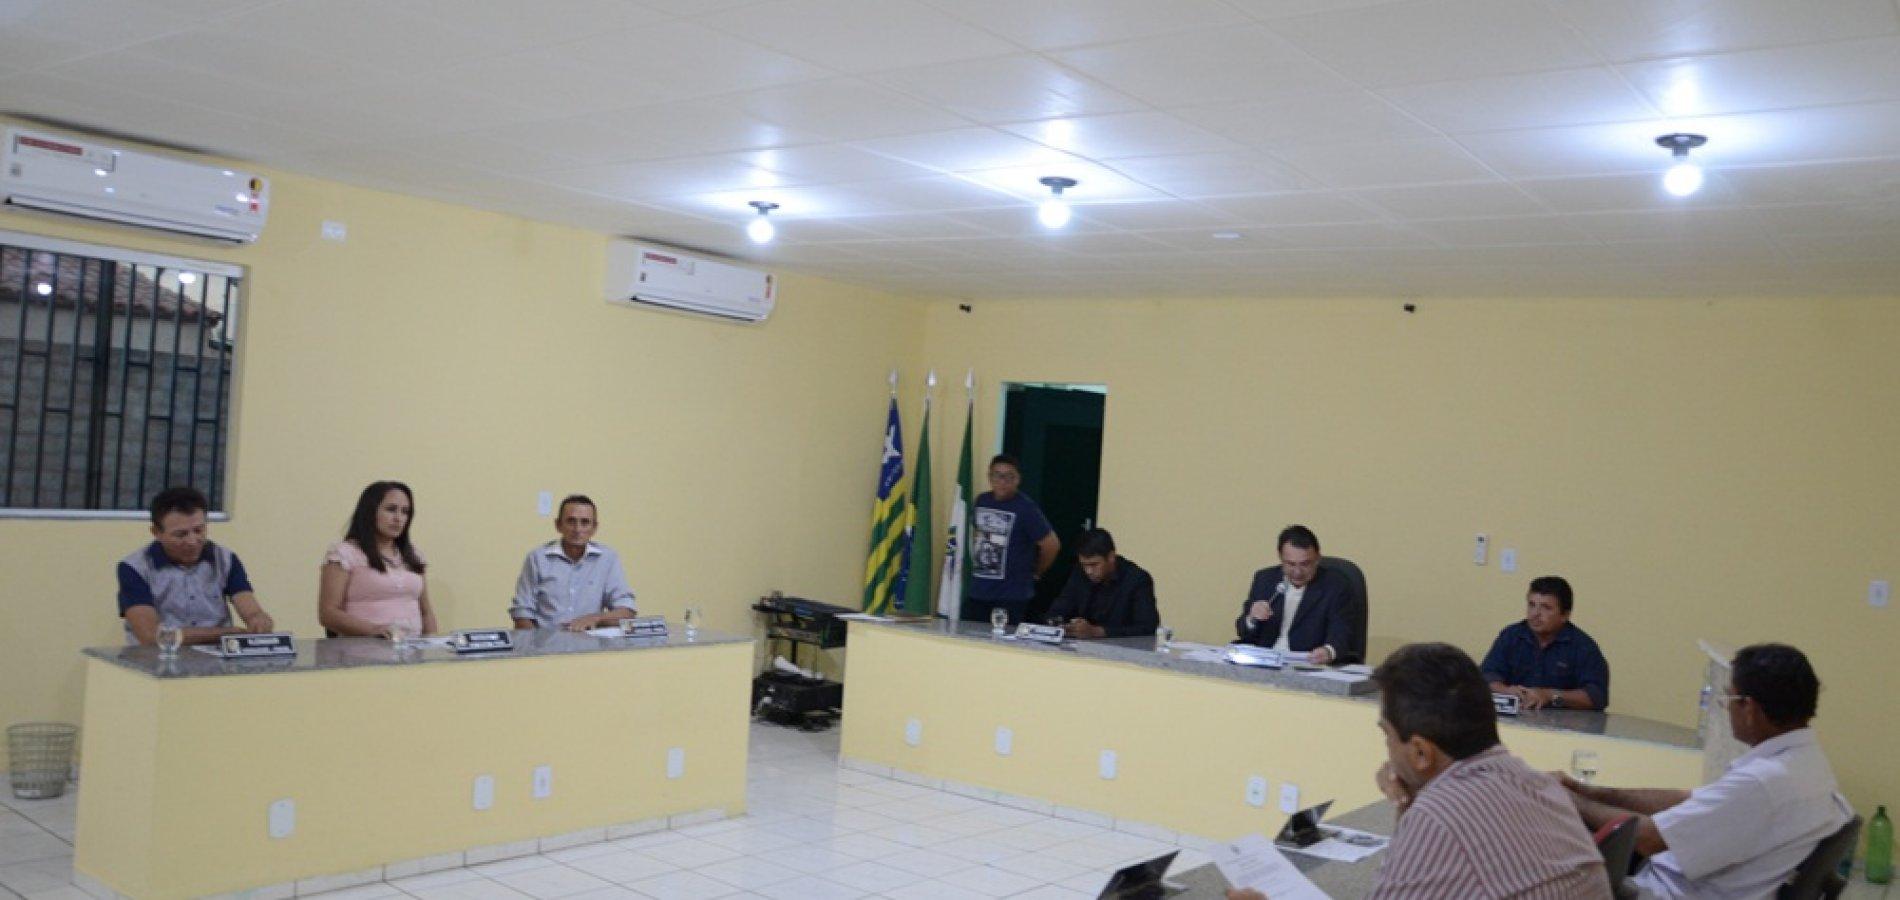 Câmara de Belém realiza sessão e aprova um projeto de lei e um Requerimento